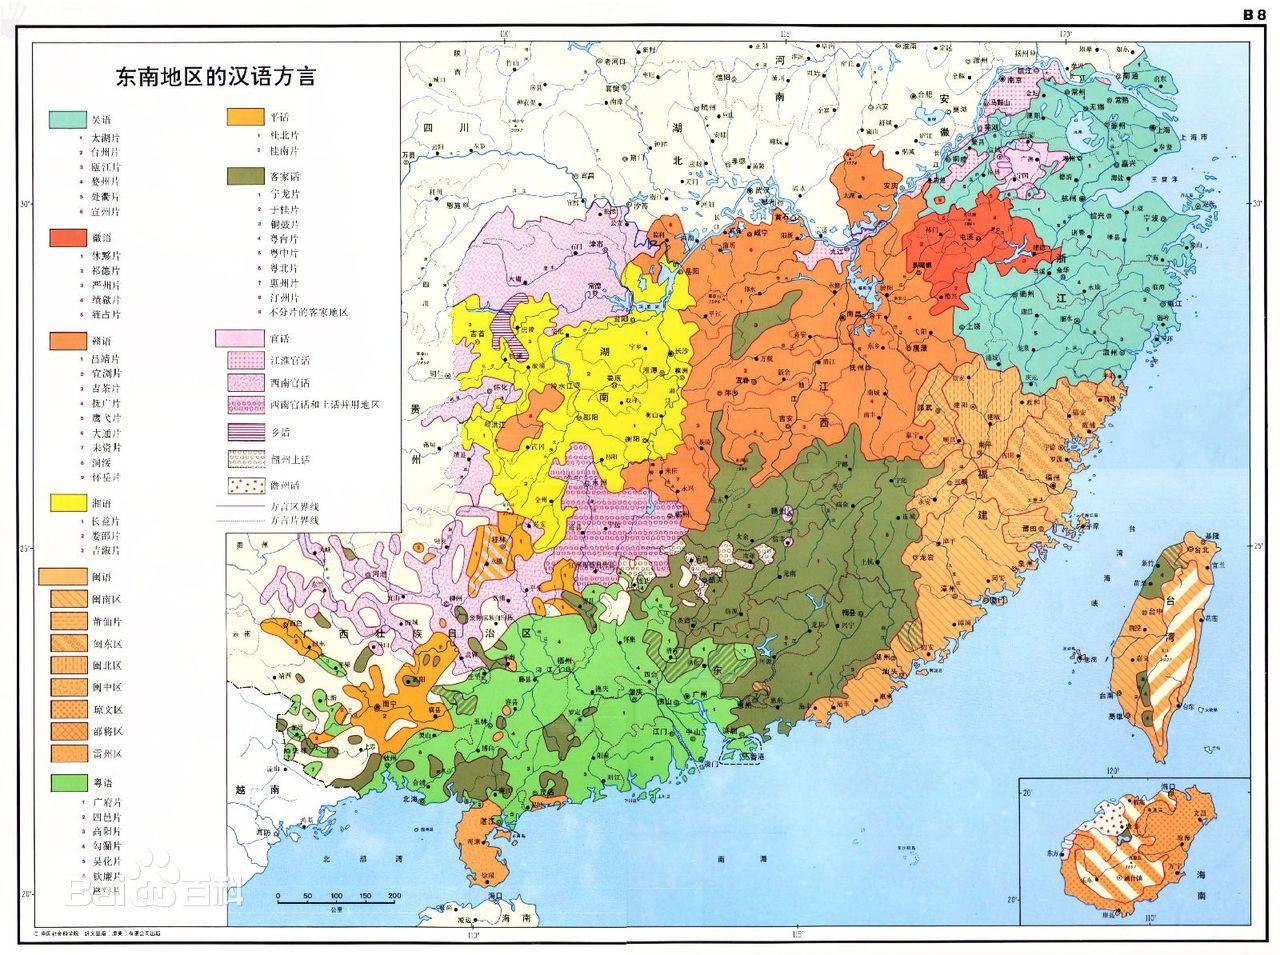 中文汉语(又称国语、华语)